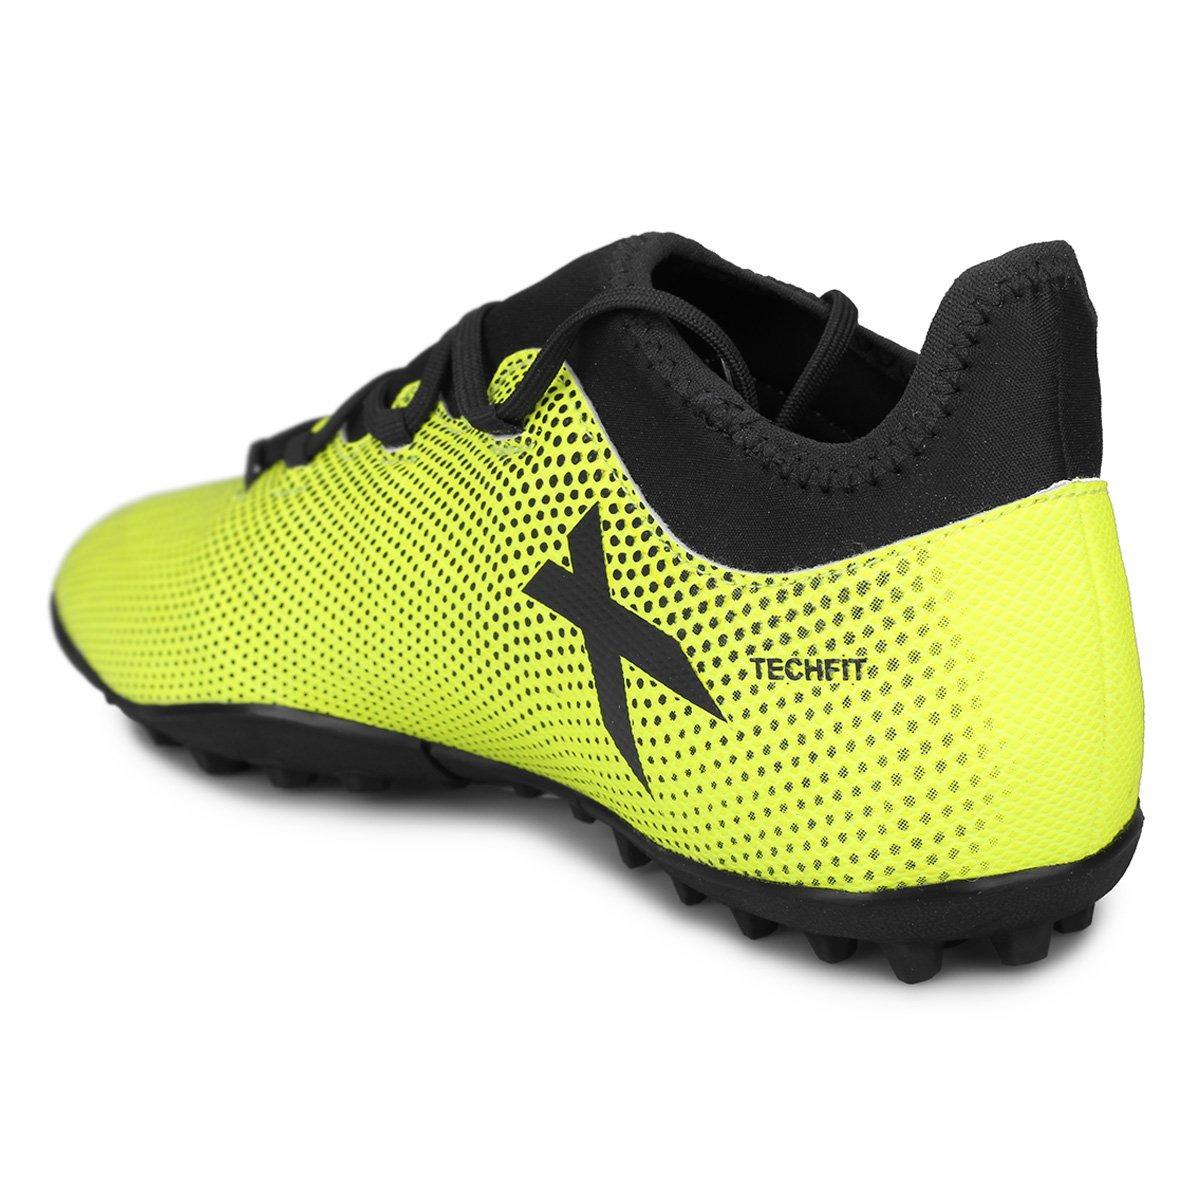 c4d8a85d9d455 botines adidas x tango 17.3 césped artificial. Cargando zoom.